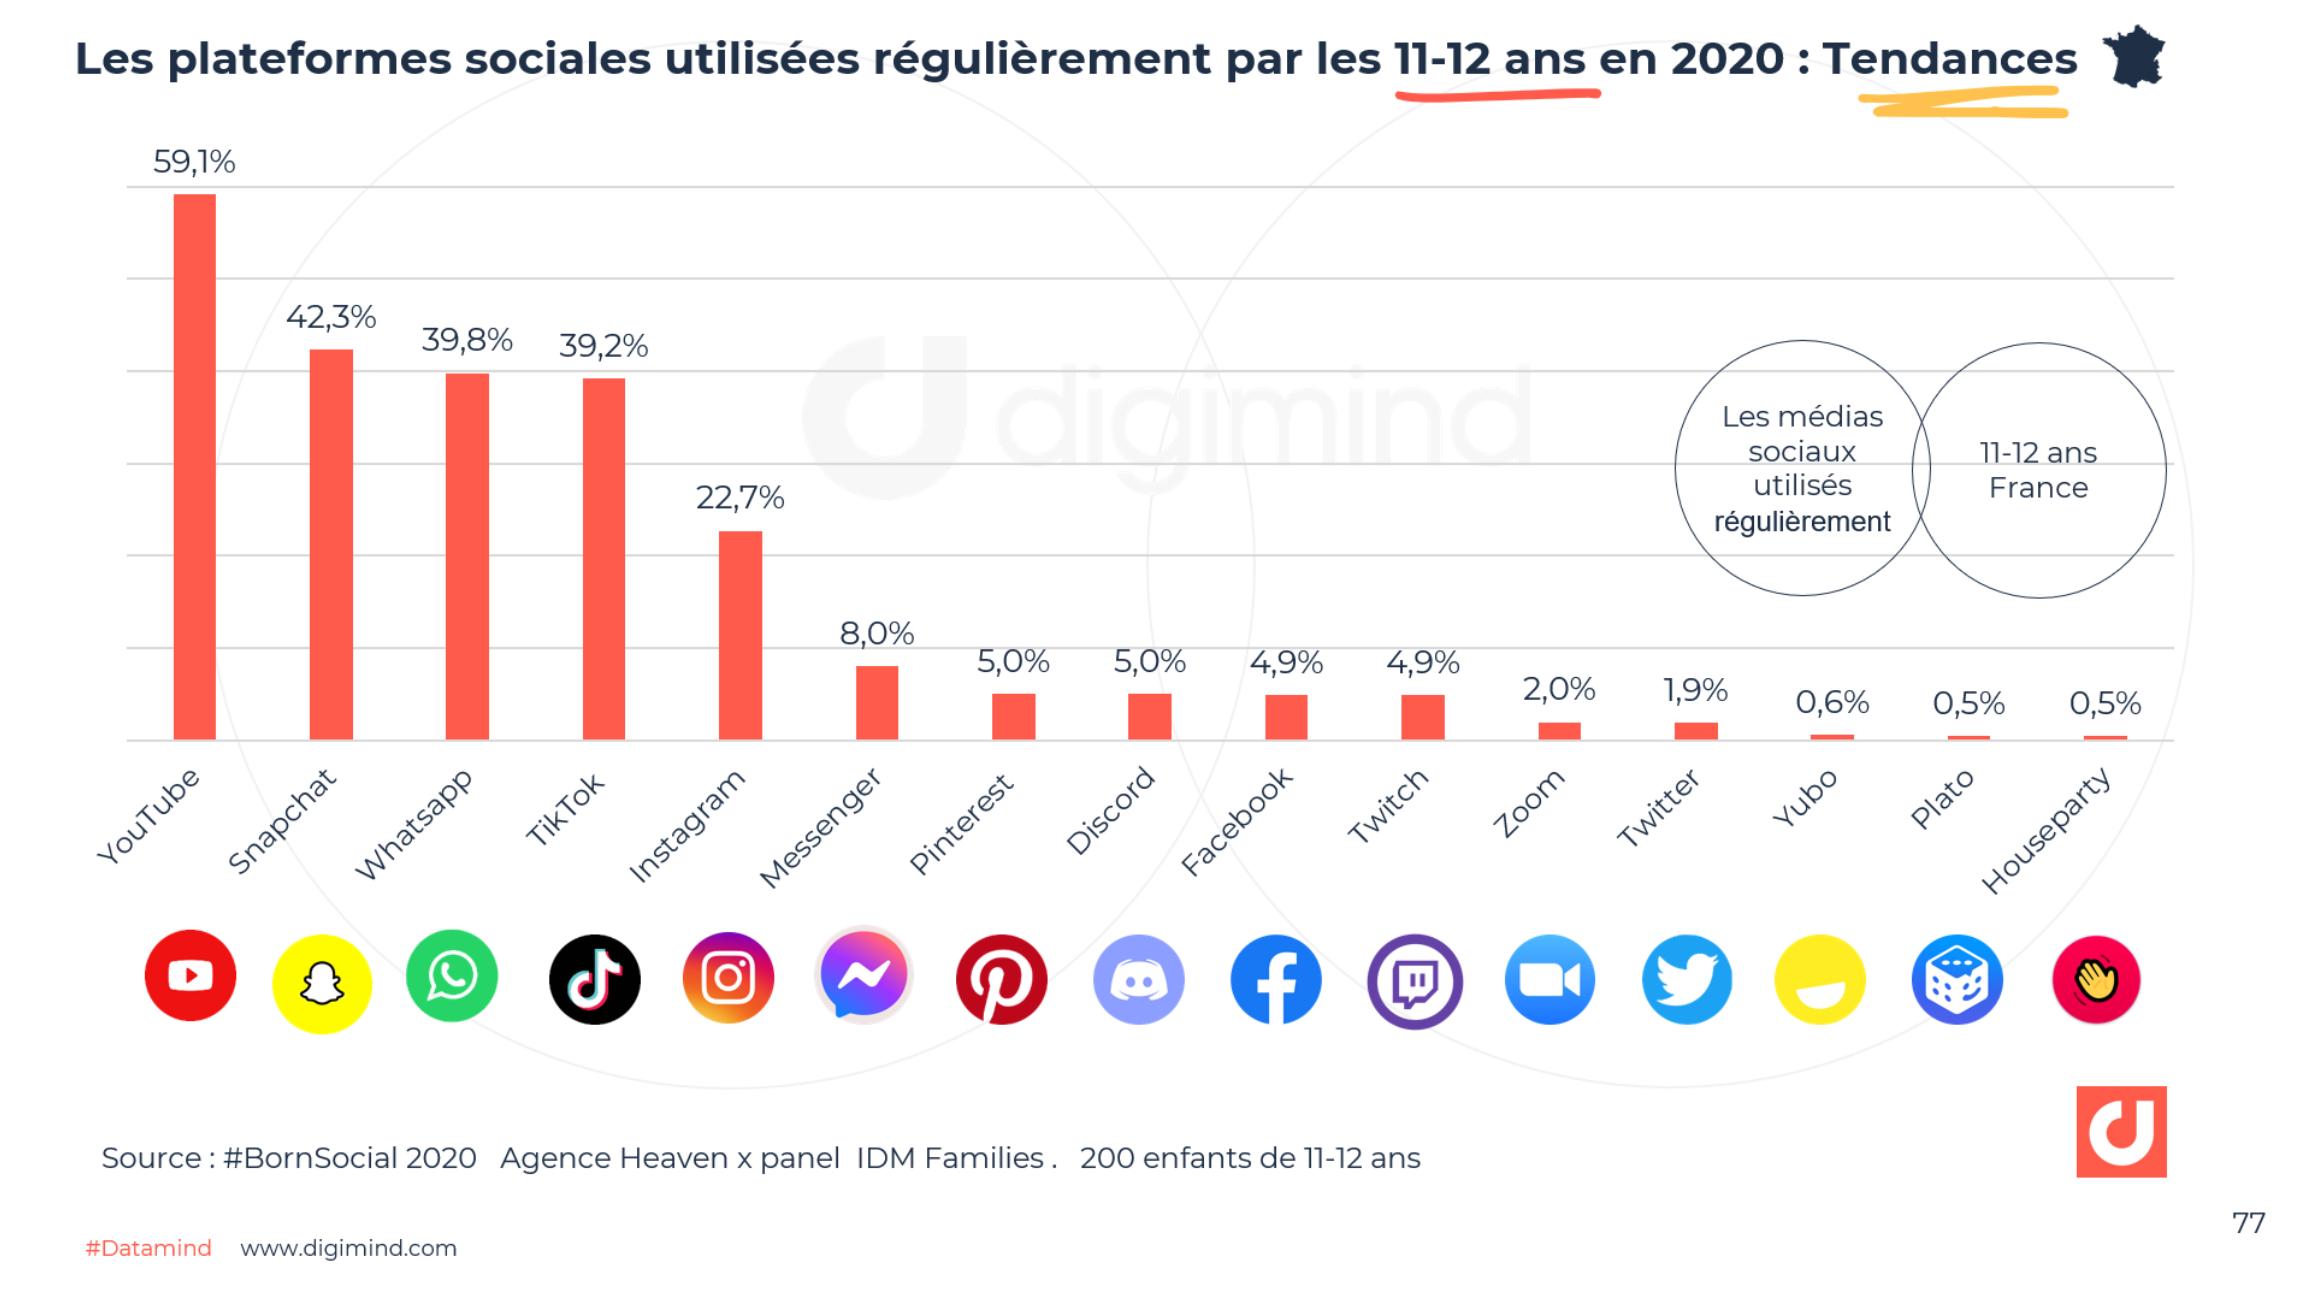 Les plateformes sociales utilisées régulièrement par les 11-12 ans en 2020 : Tendances